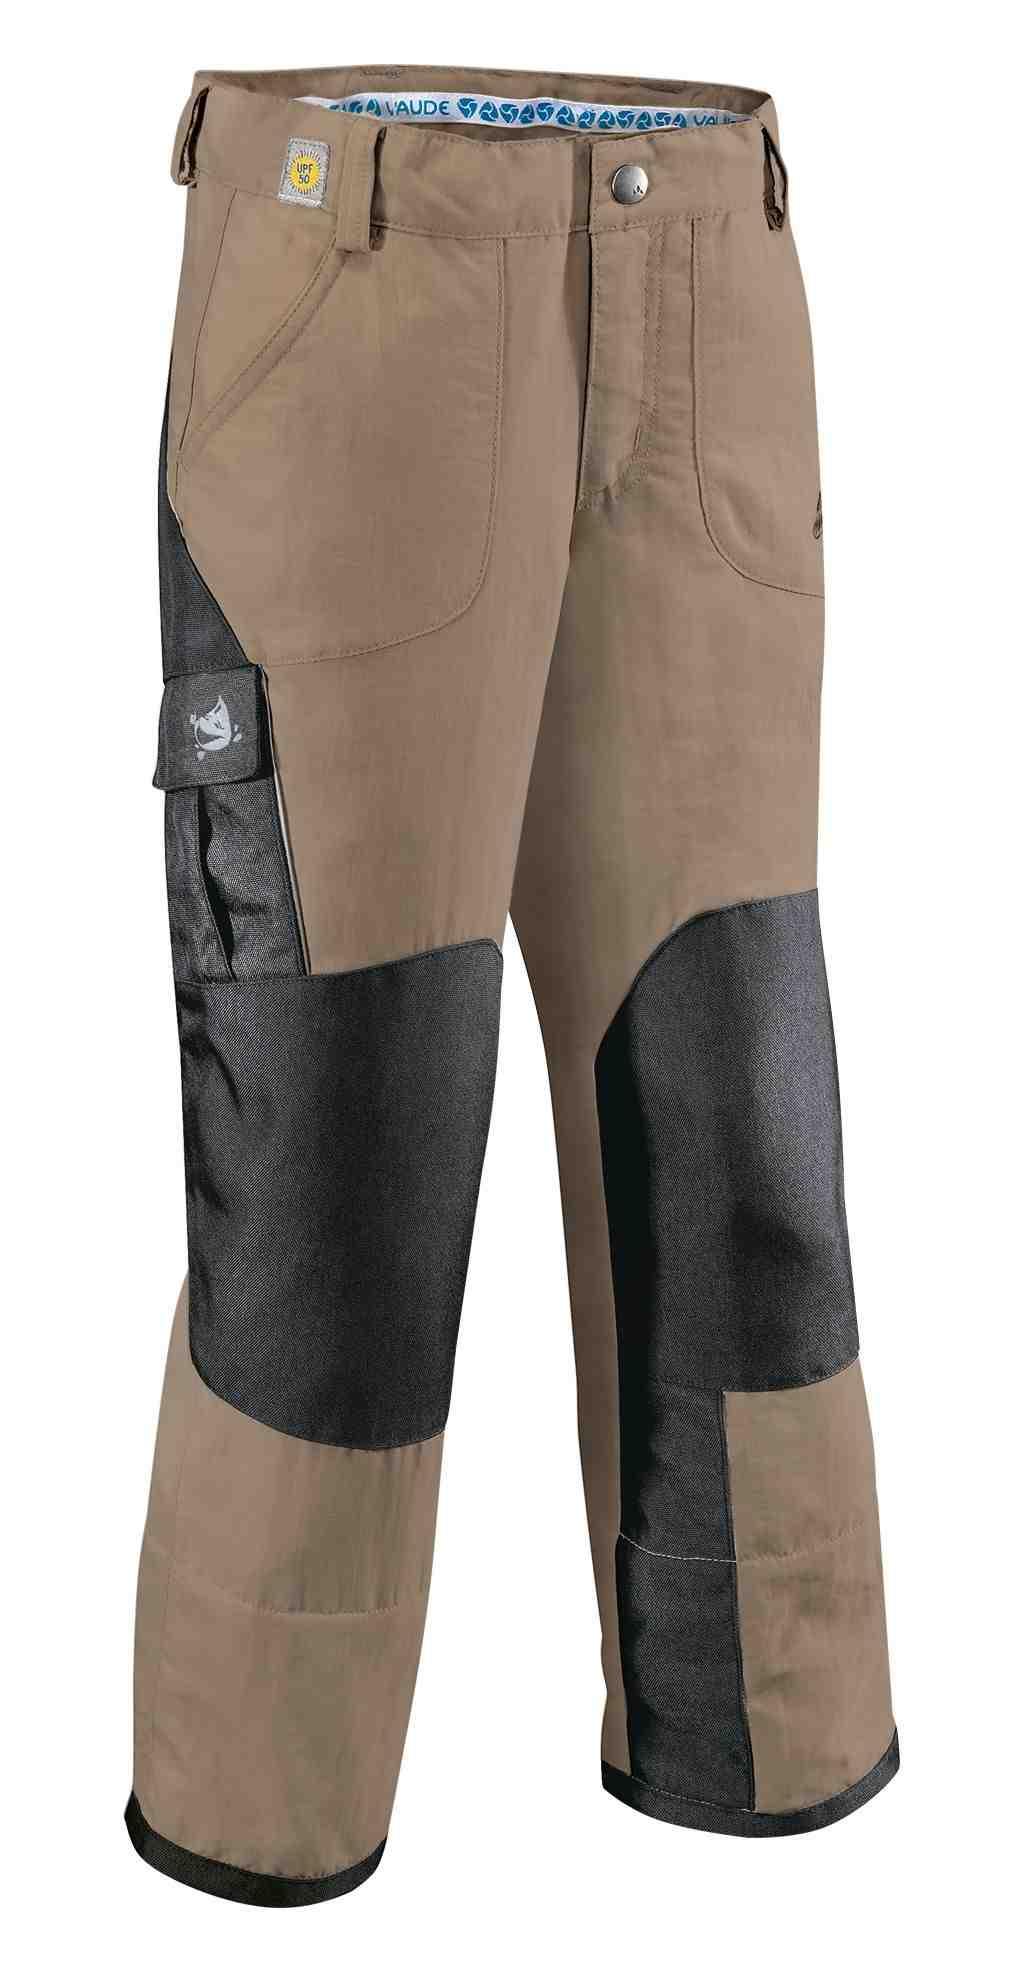 Eine Outdoor-Hose für Kinder die leicht, sicher und ökologisch ist: Die Kids Sippie Pants von Vaude. Foto:(c) Vaude